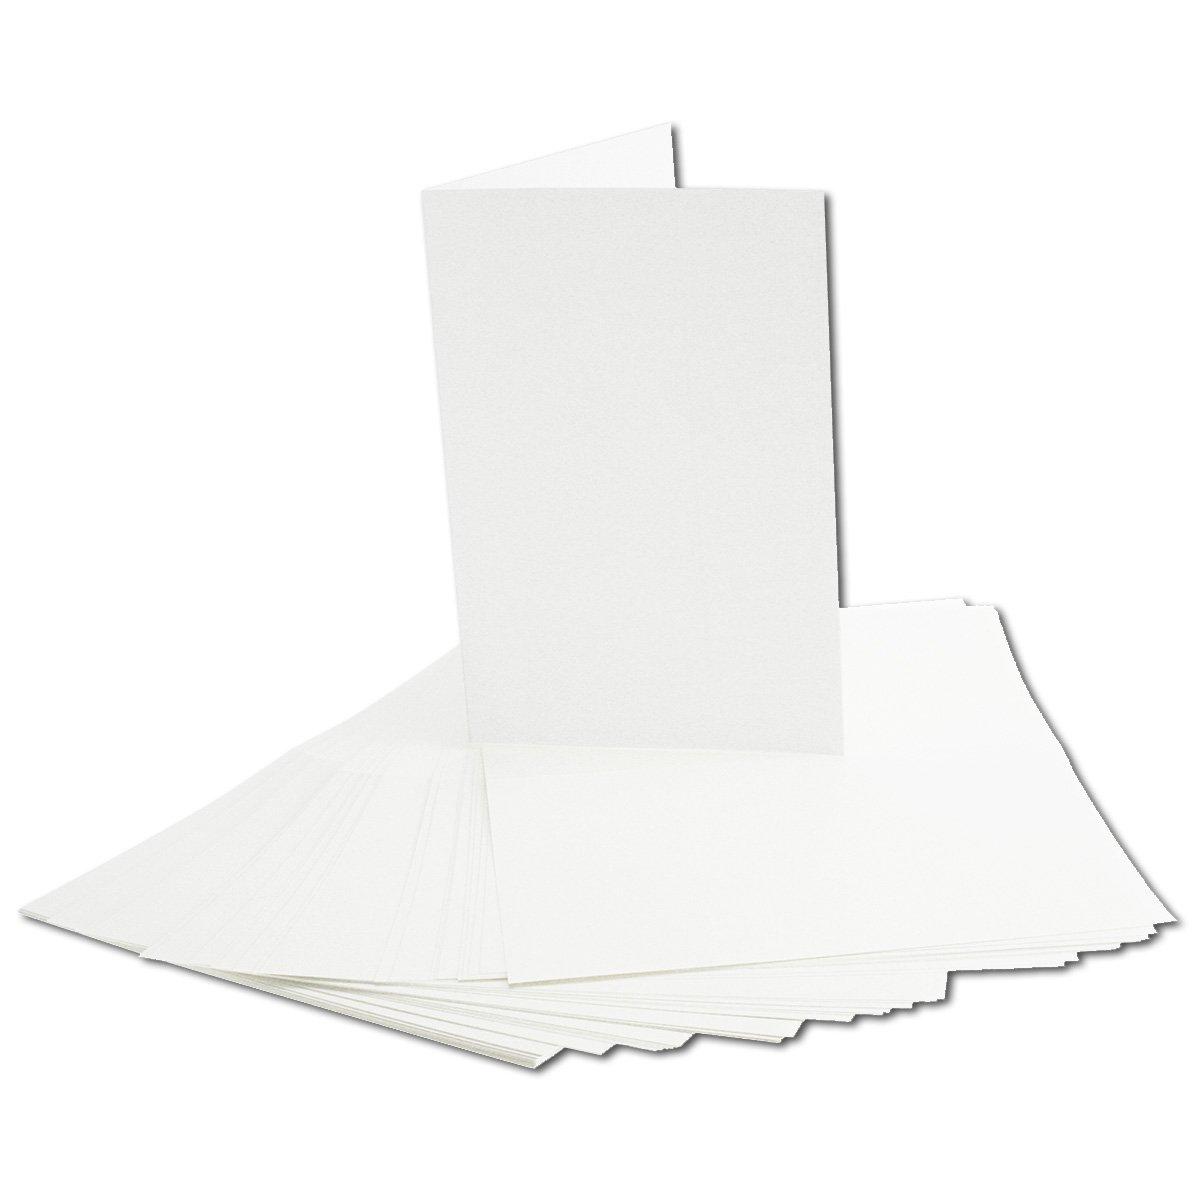 200x faltbares Einlege-Papier für B6 Doppelkarten   transparent-weiß   163 x 224 mm (112 x 163 mm gefaltet)   ideal zum Bedrucken mit Tinte und Laser   hochwertig mattes Papier von GUSTAV NEUSER® B07CJHT6F8 | Schön In Der Farbe